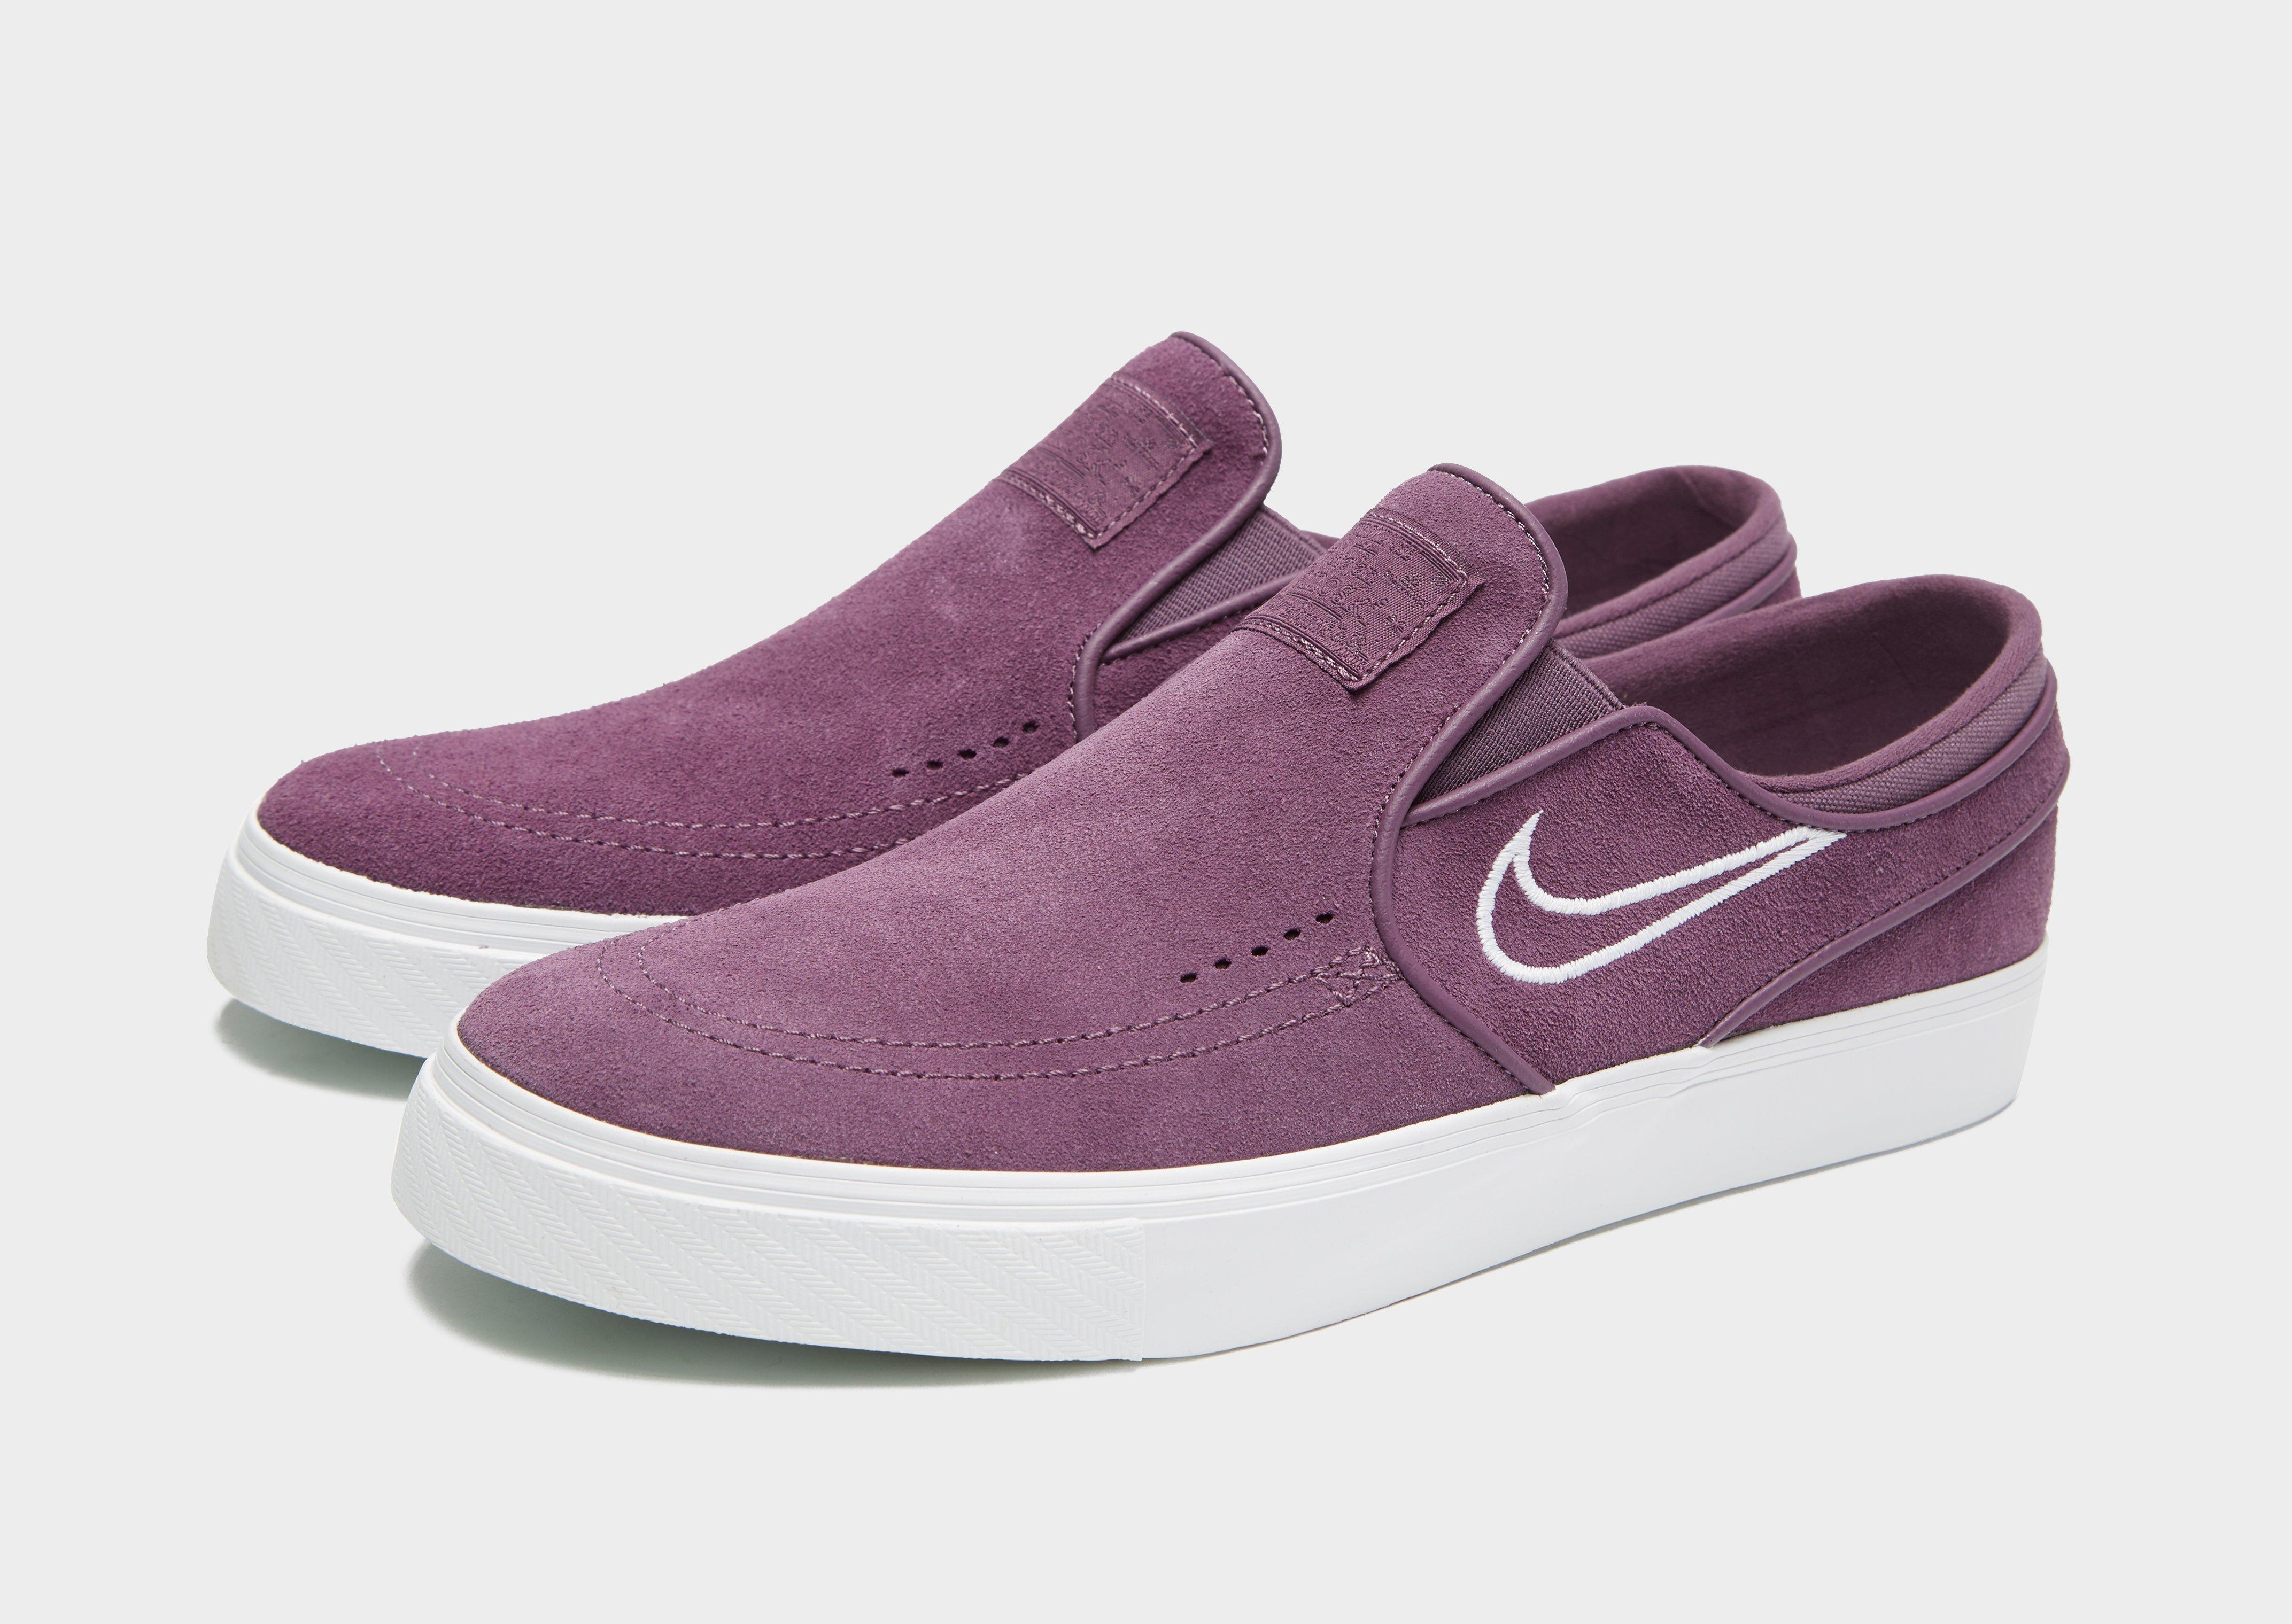 Nike Leather Stefan Janoski Slip-on in